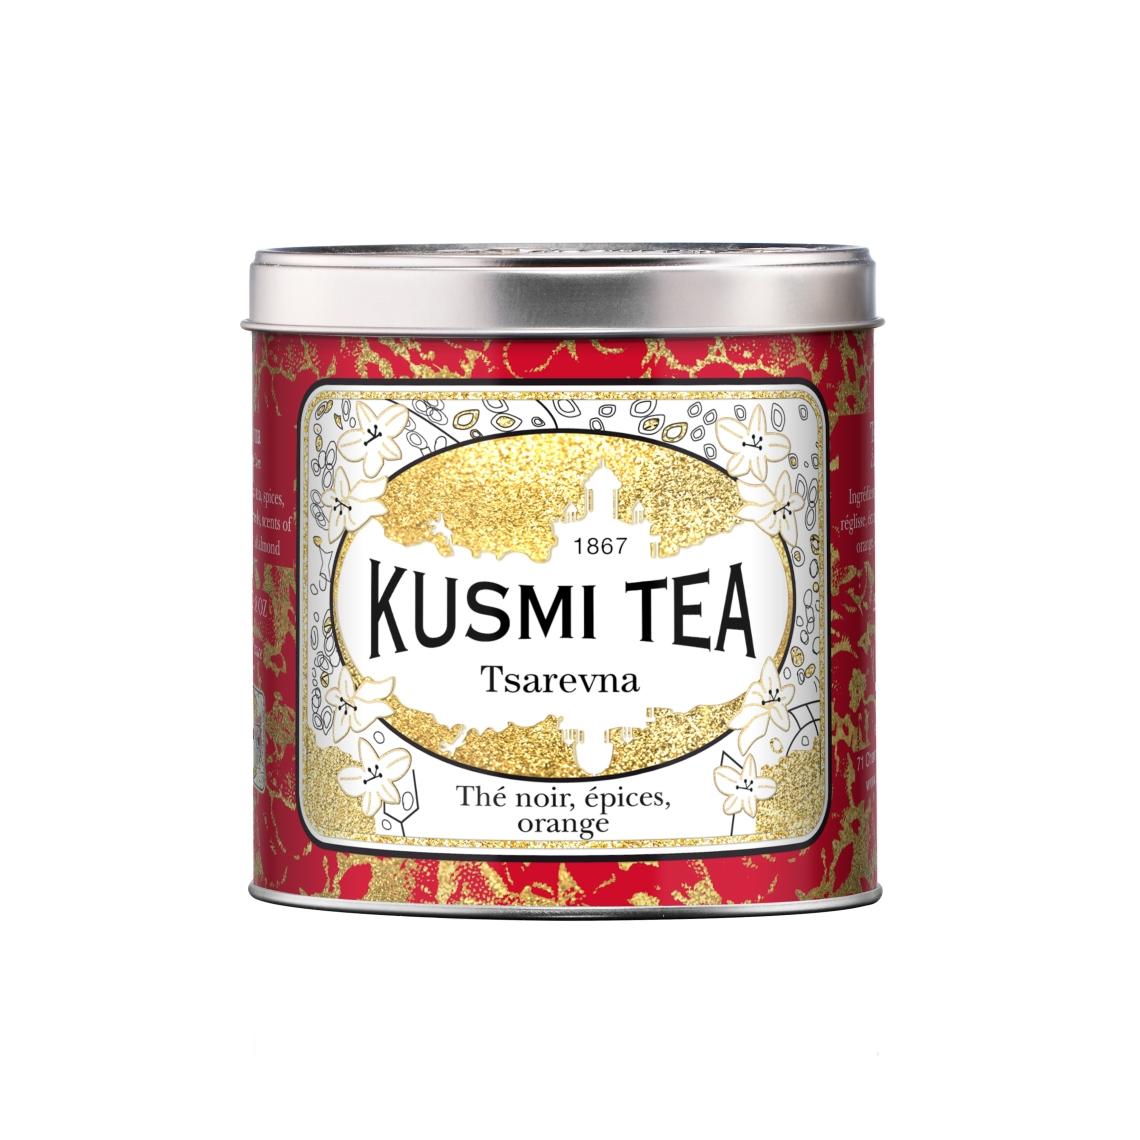 Kusmi Tea Tsarevna 250 grammes edition limitéee noel 2014